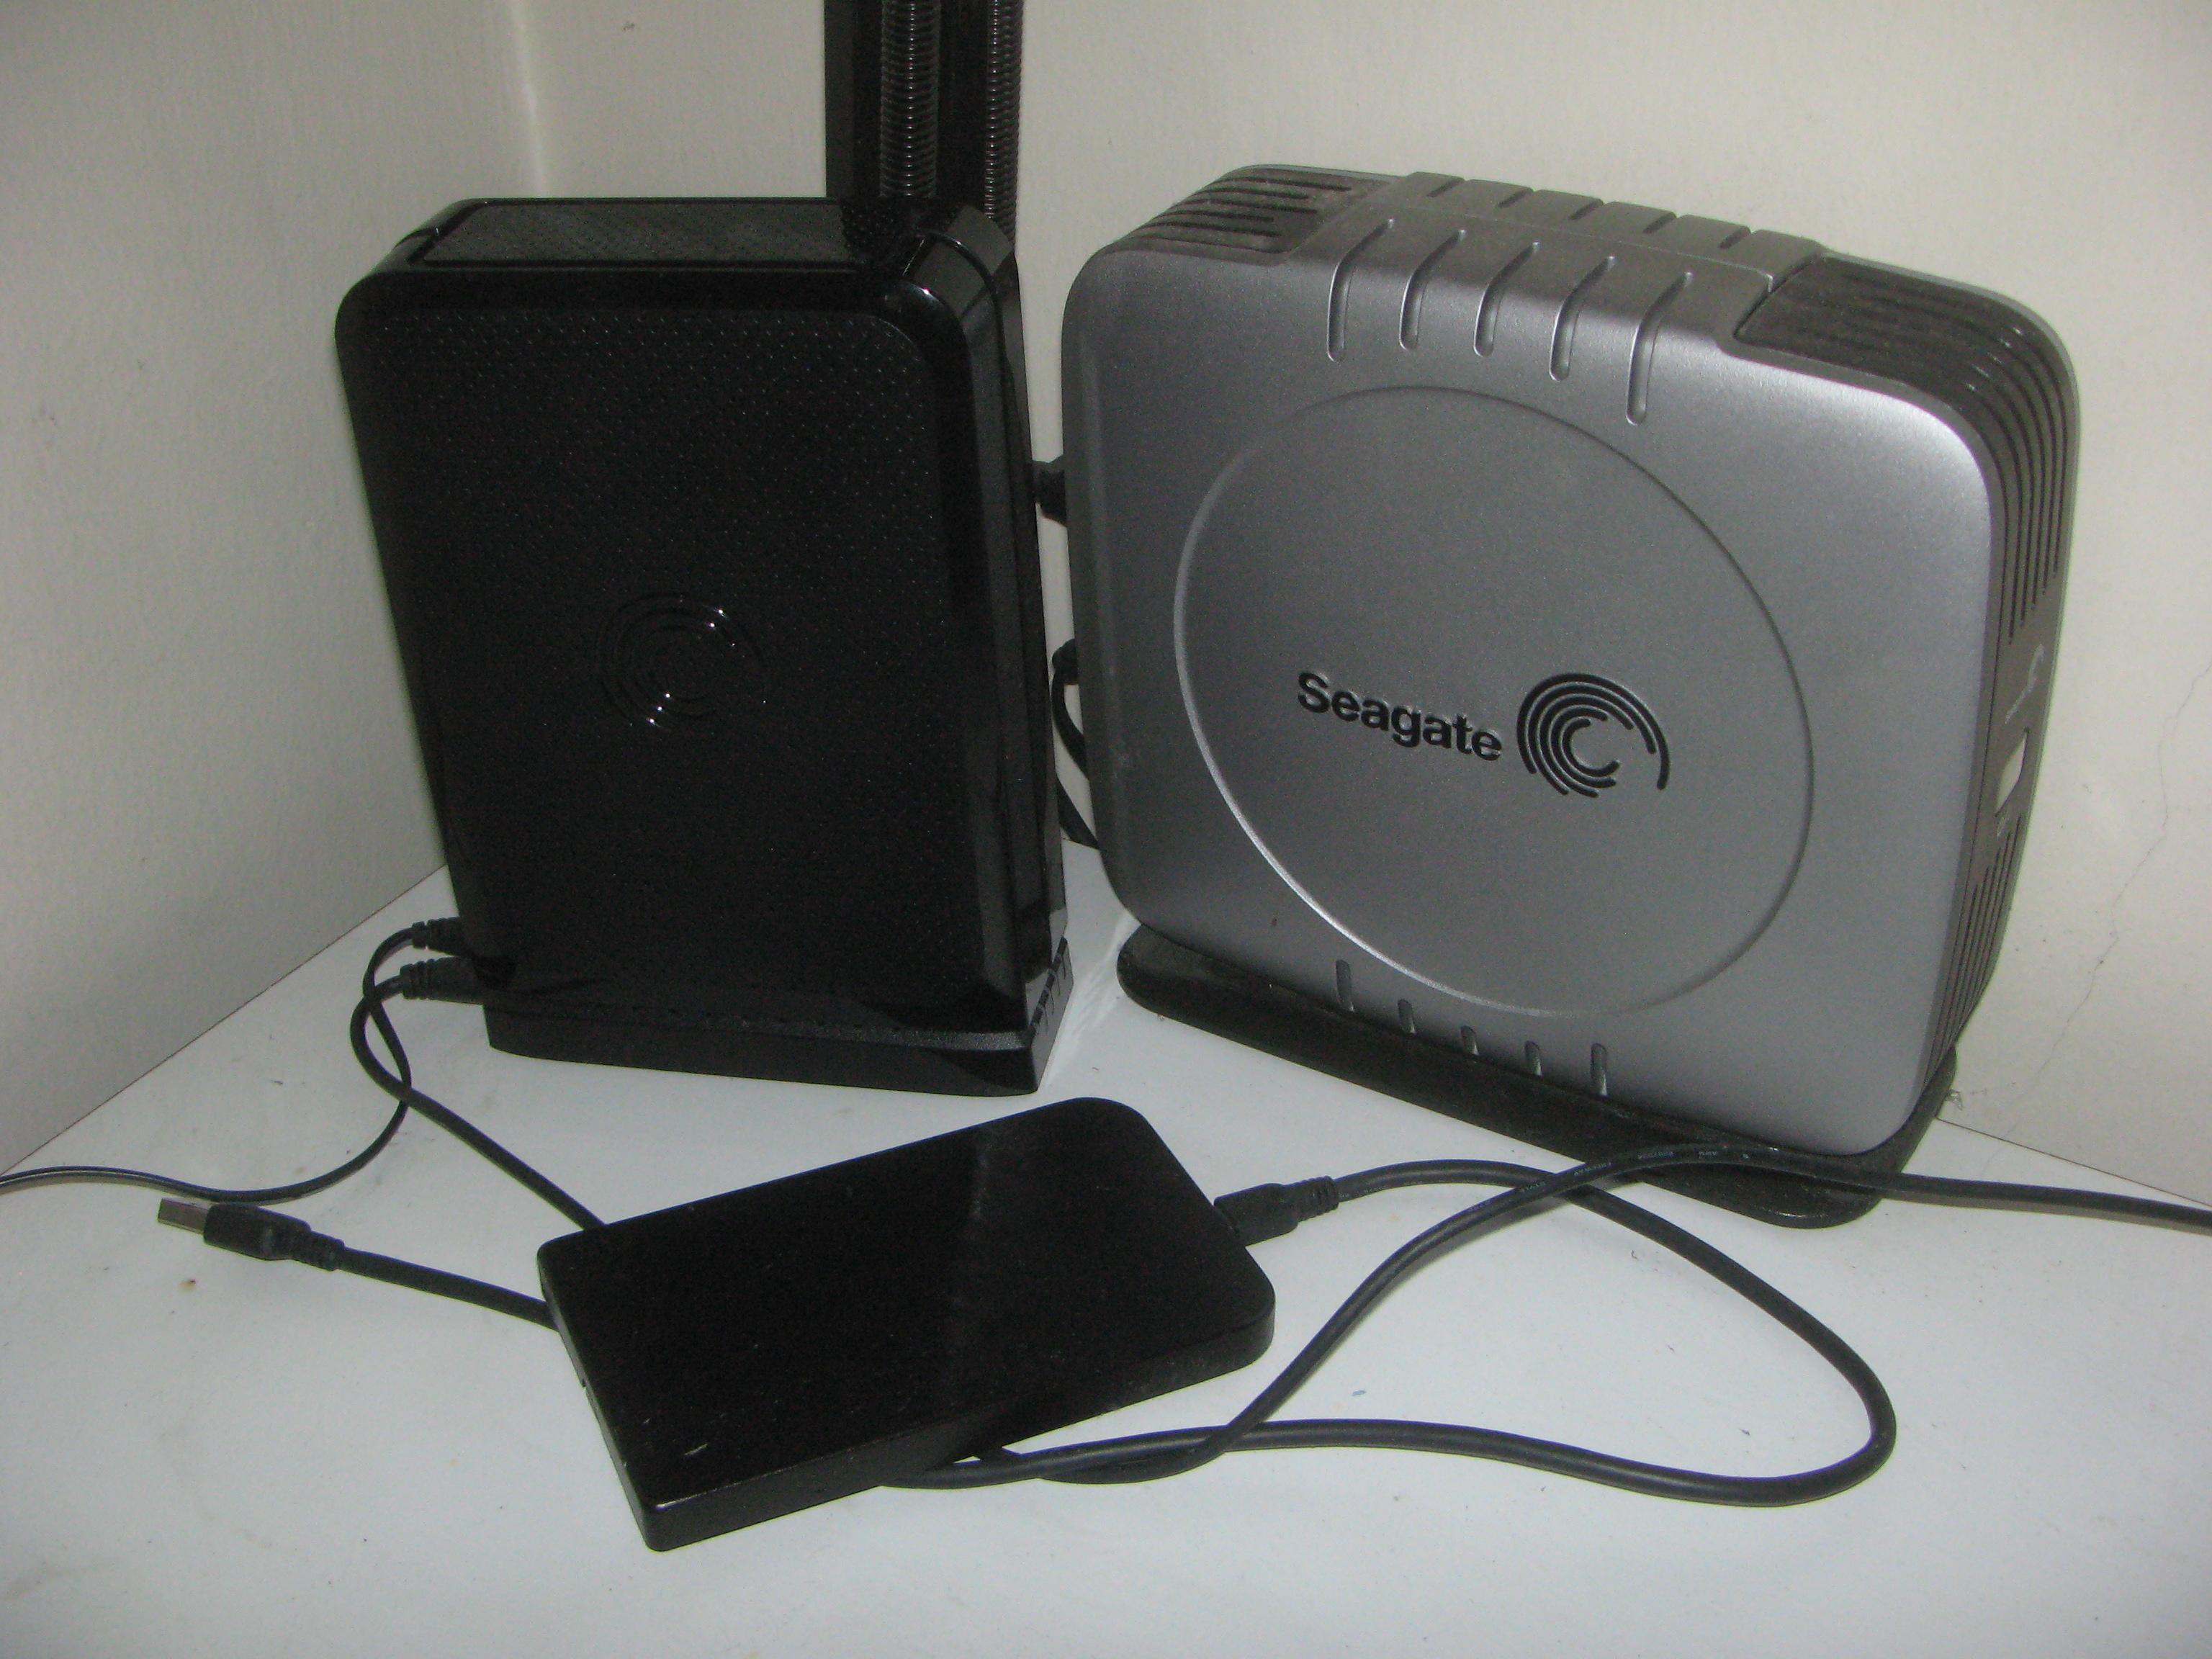 seagate 3000gb hard drive